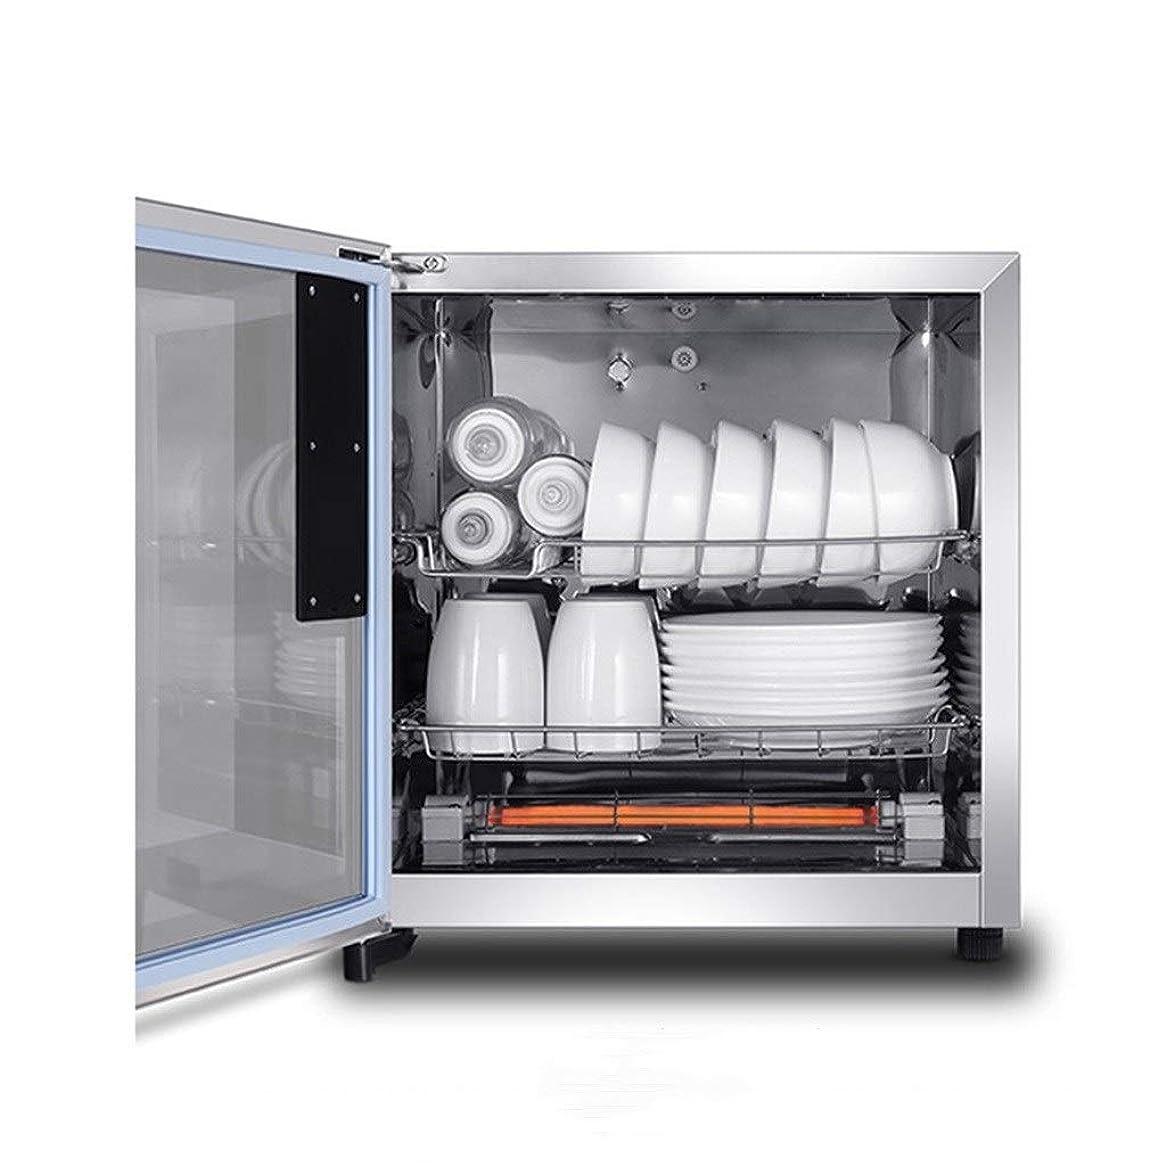 マトン細断注意消毒キャビネット家庭用垂直高温消毒食器棚デスクトップ消毒キャビネット (Color : Silver, Size : 43*36*44.5cm)